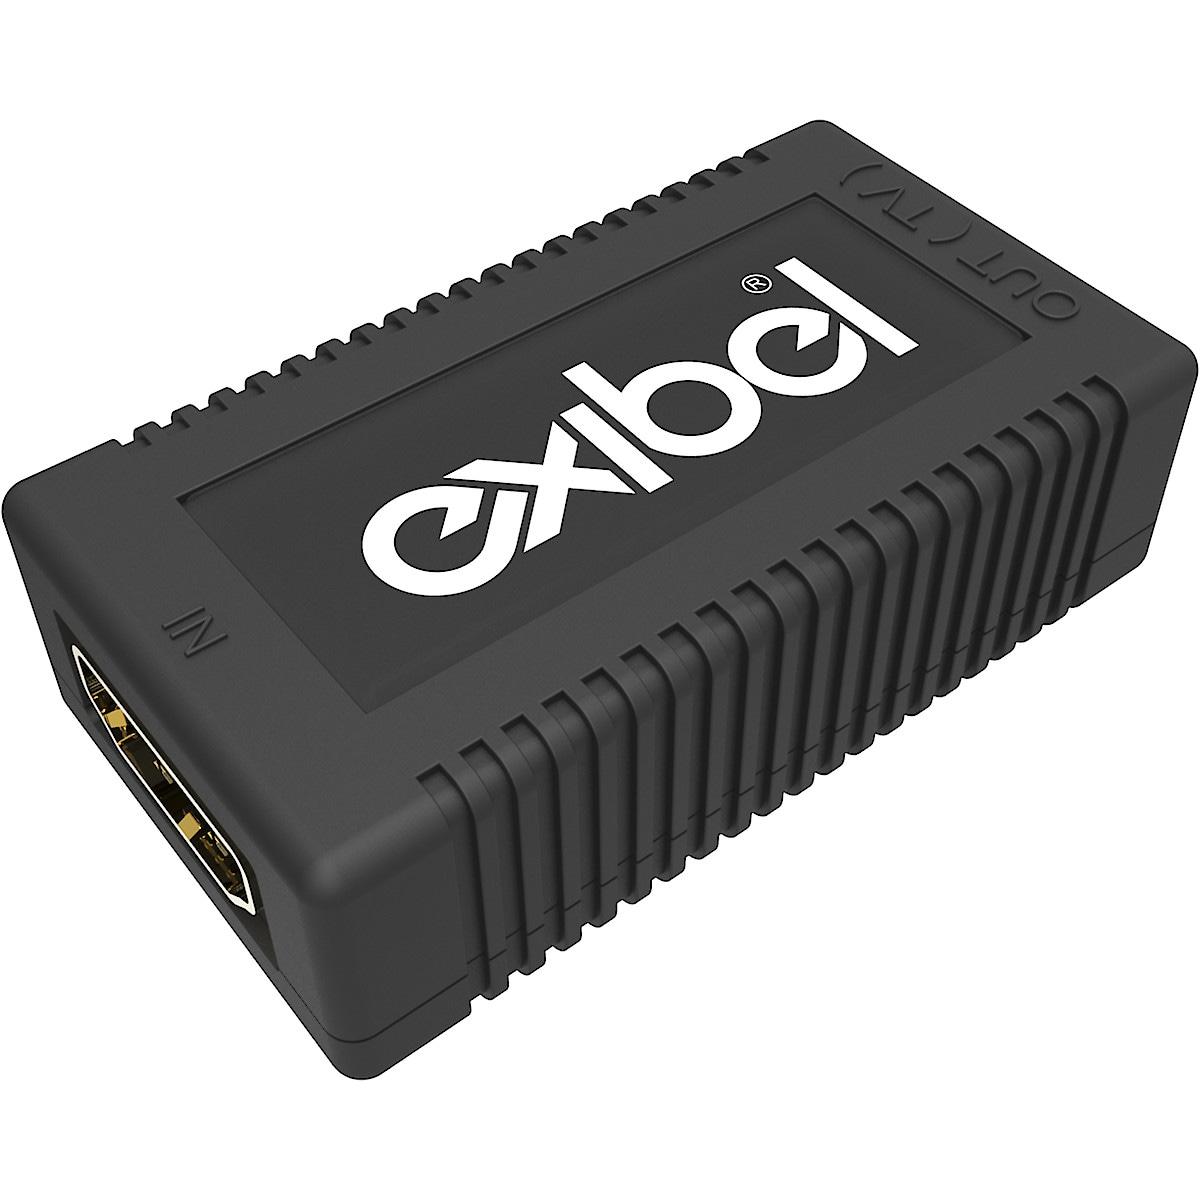 HDMI-repeater Exibel